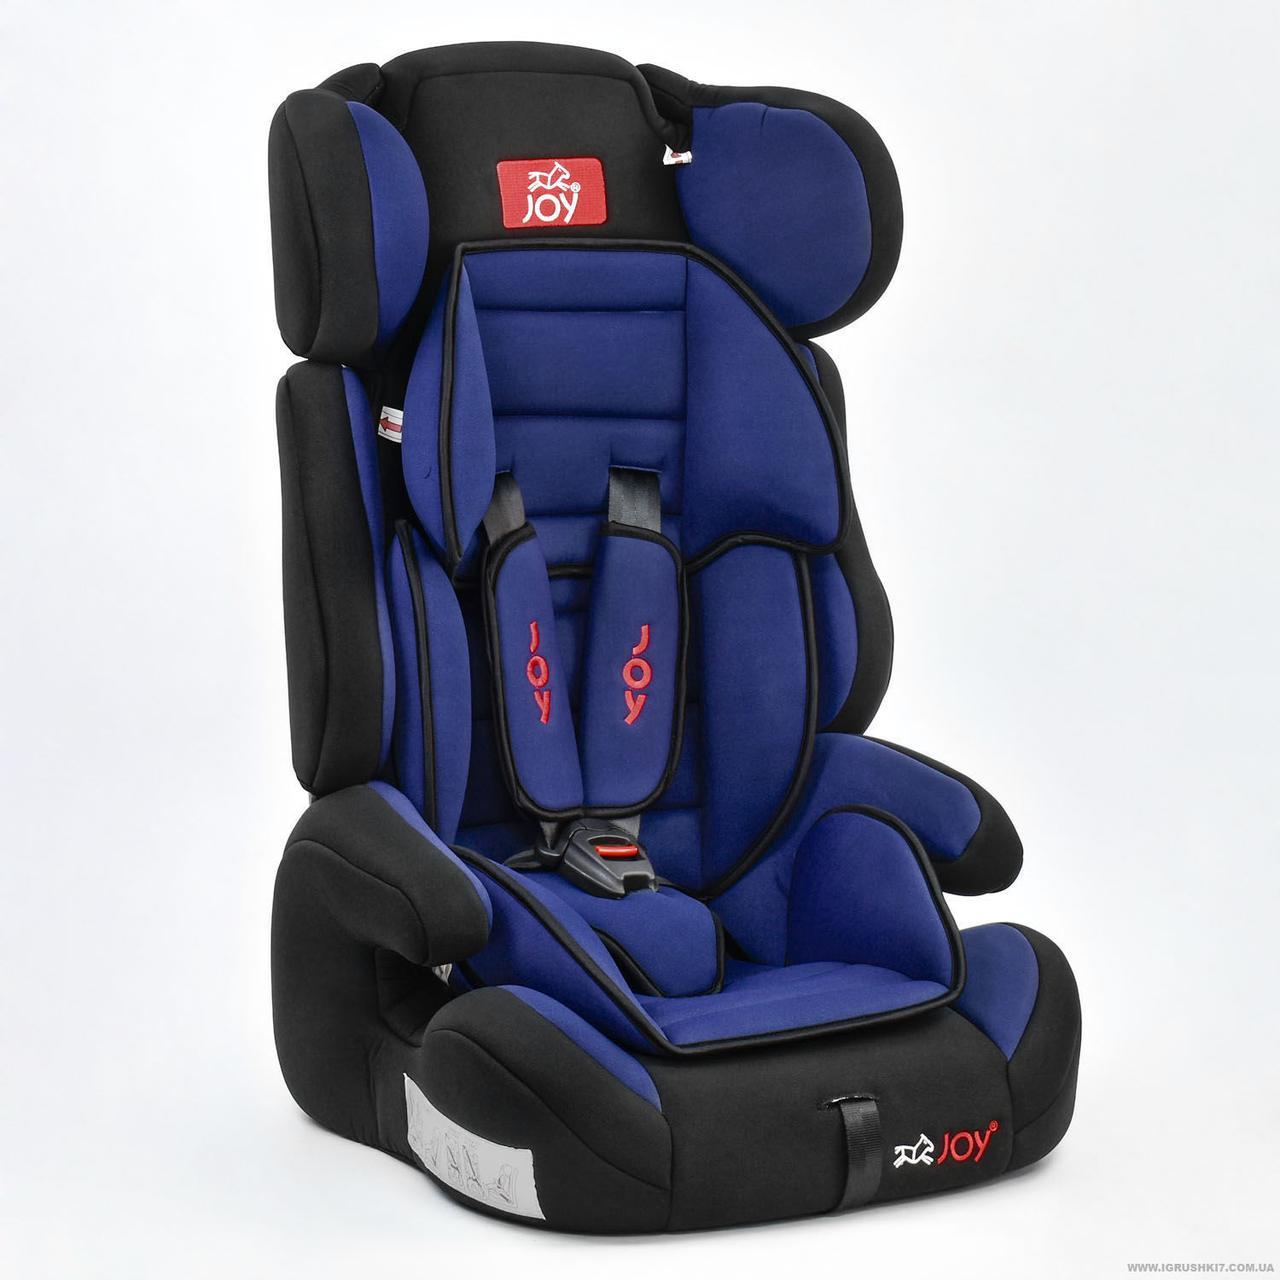 Автокресло универсальное Цвет чёрно-синий 9-36 кг, с бустером, Joy